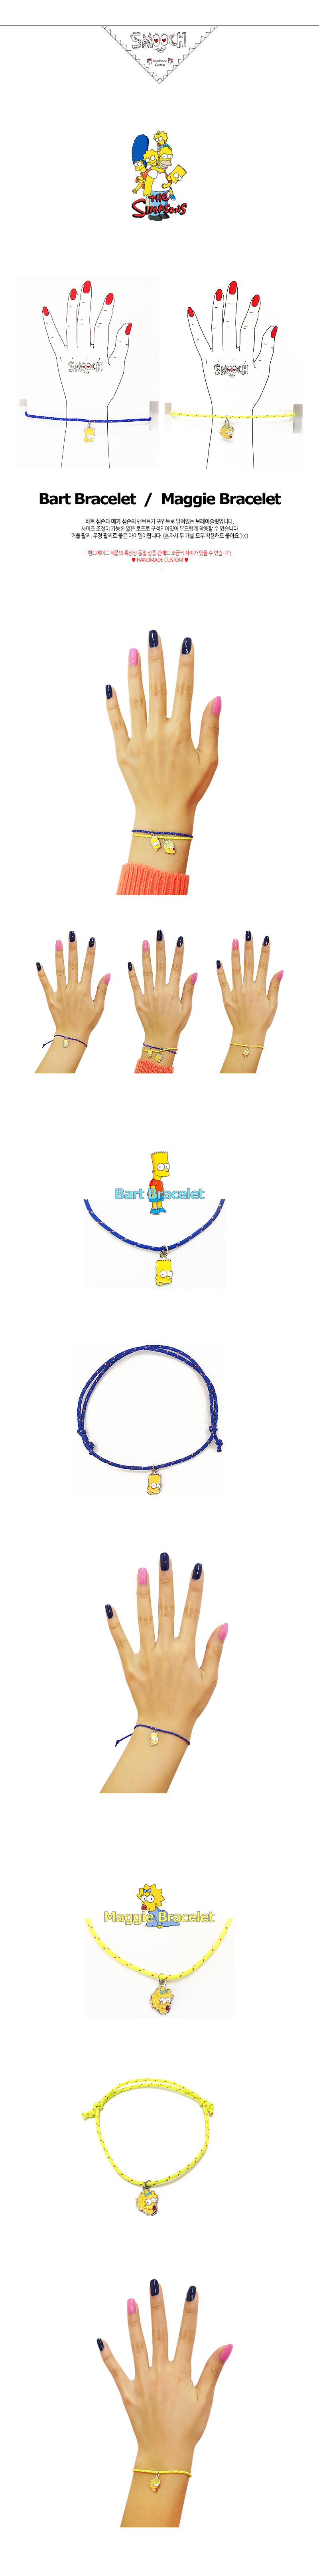 팔찌 - Bart and Maggie Bracelet - 스무치, 6,500원, 팔찌, 패션팔찌